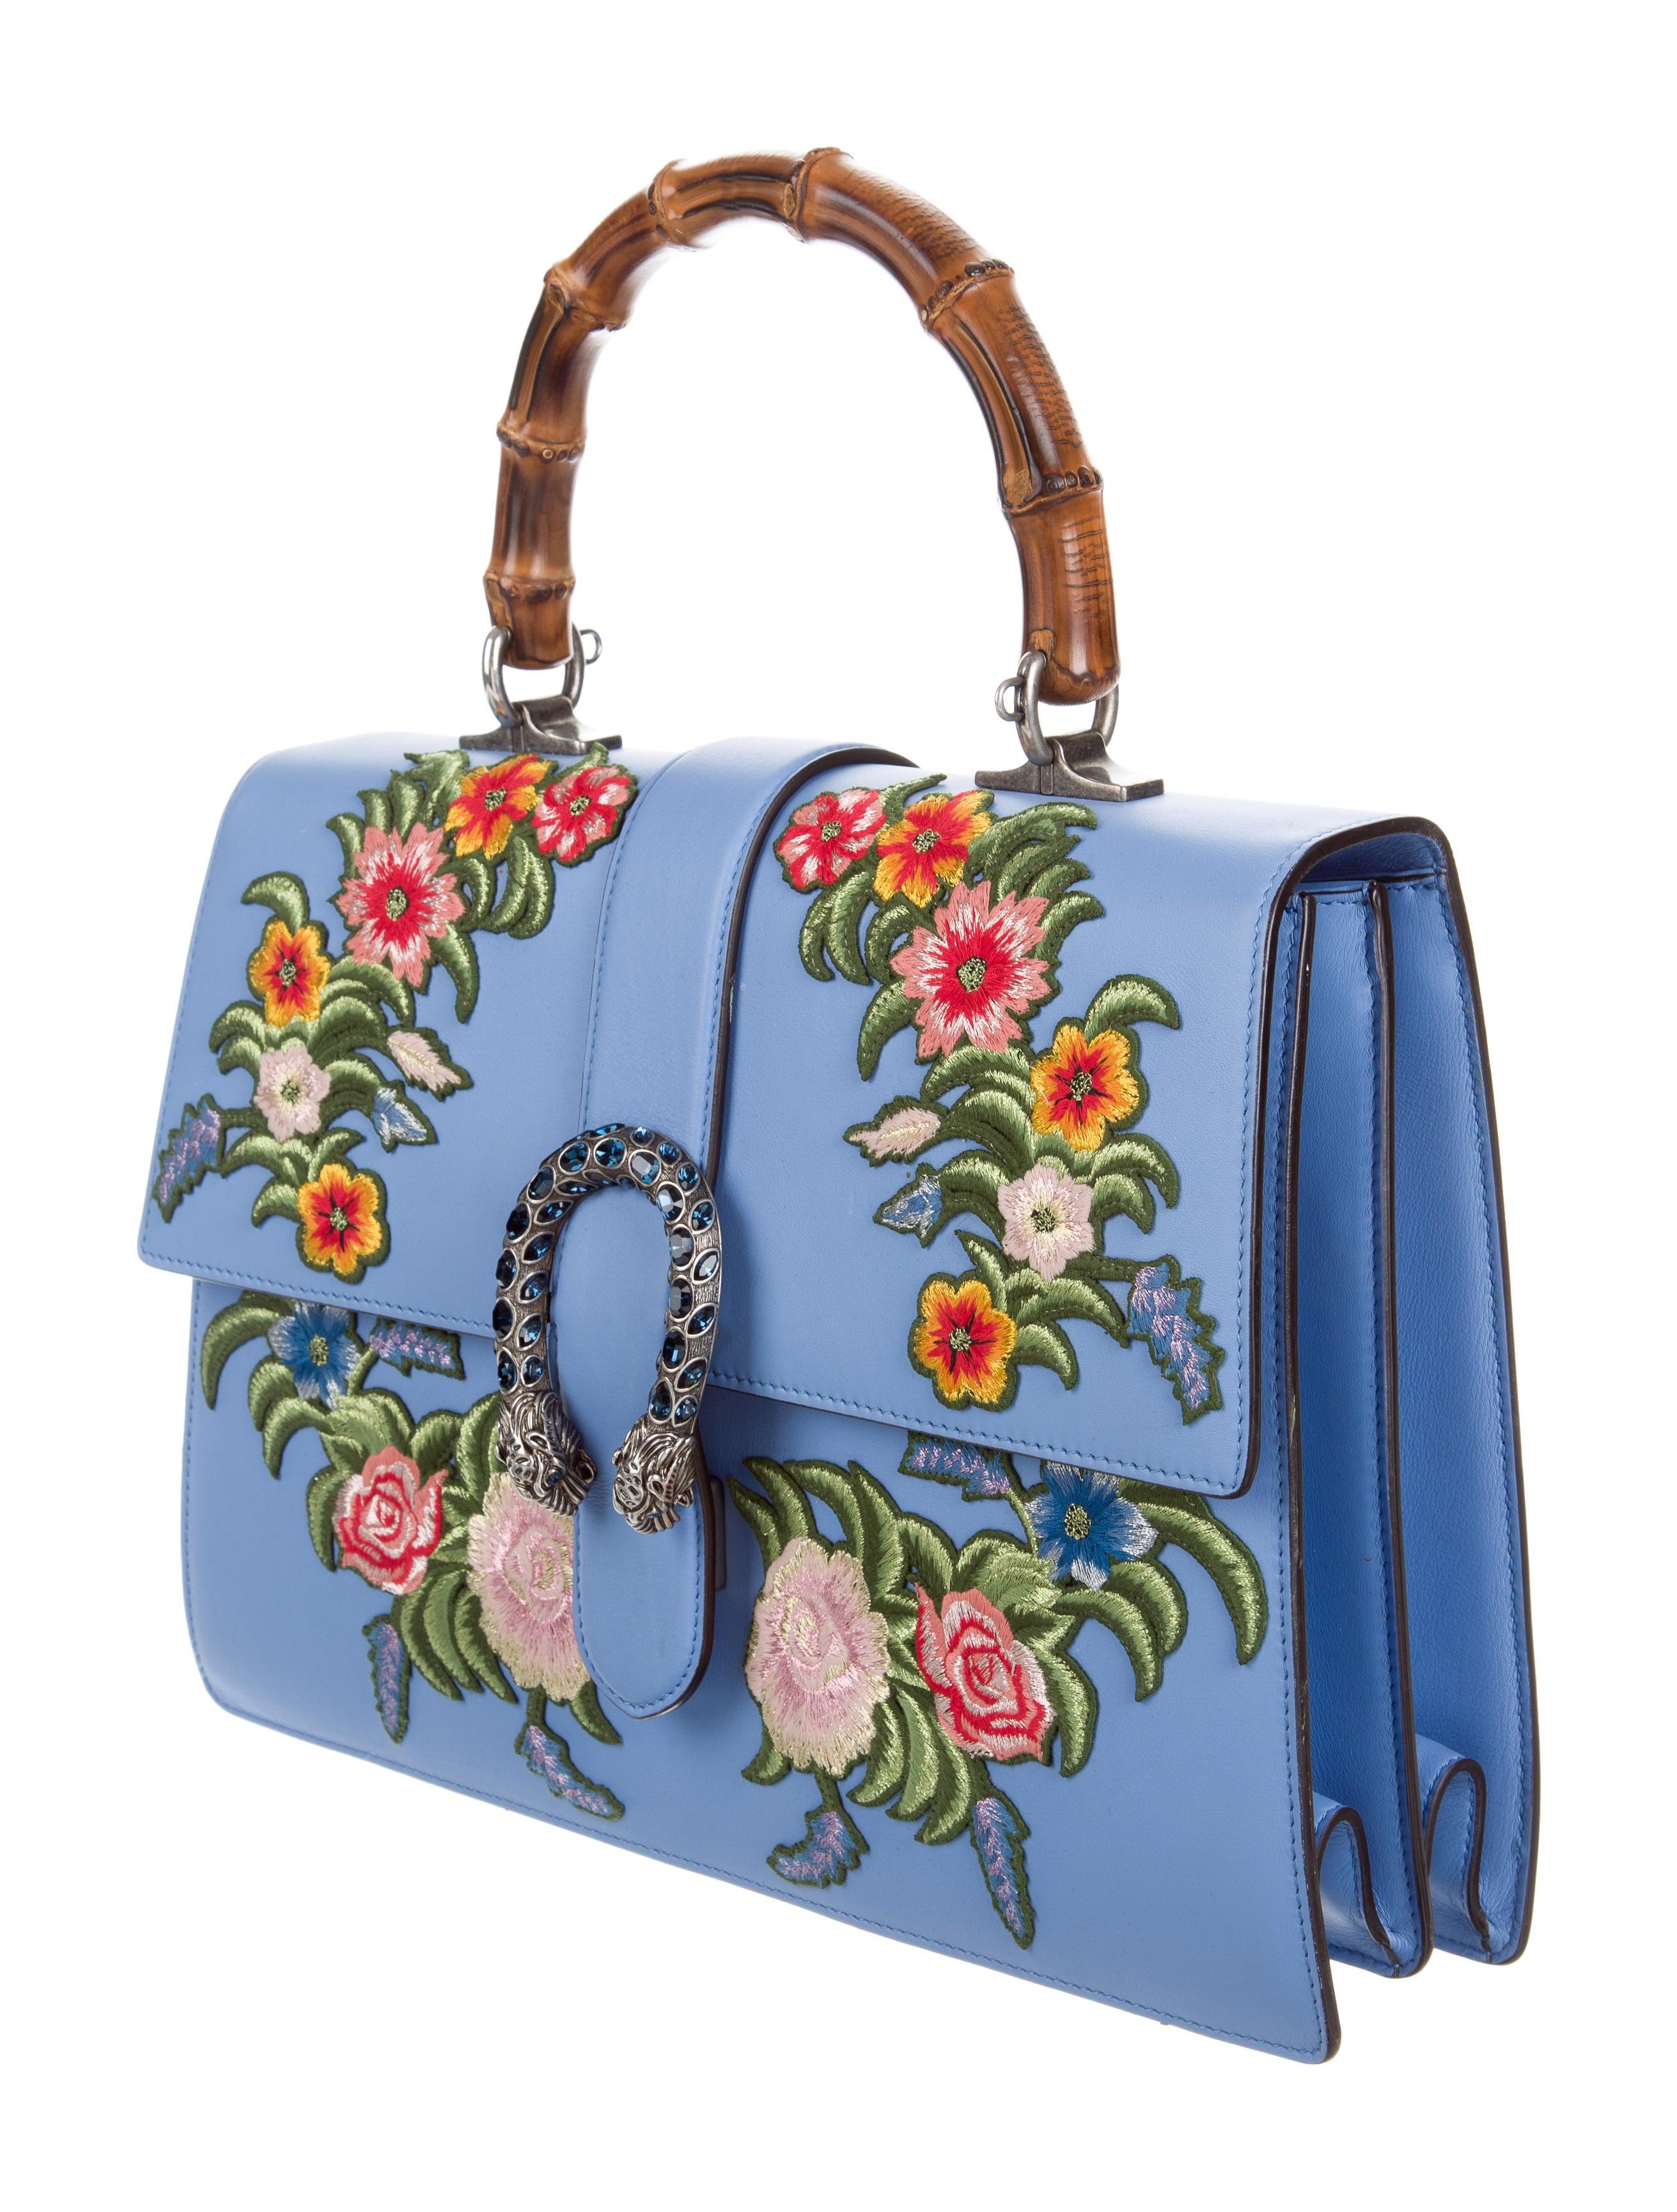 42ebc35f4e57 Gucci Embroidered Dionysus Bamboo Top Handle Bag - Handbags - GUC160109 |  The RealReal